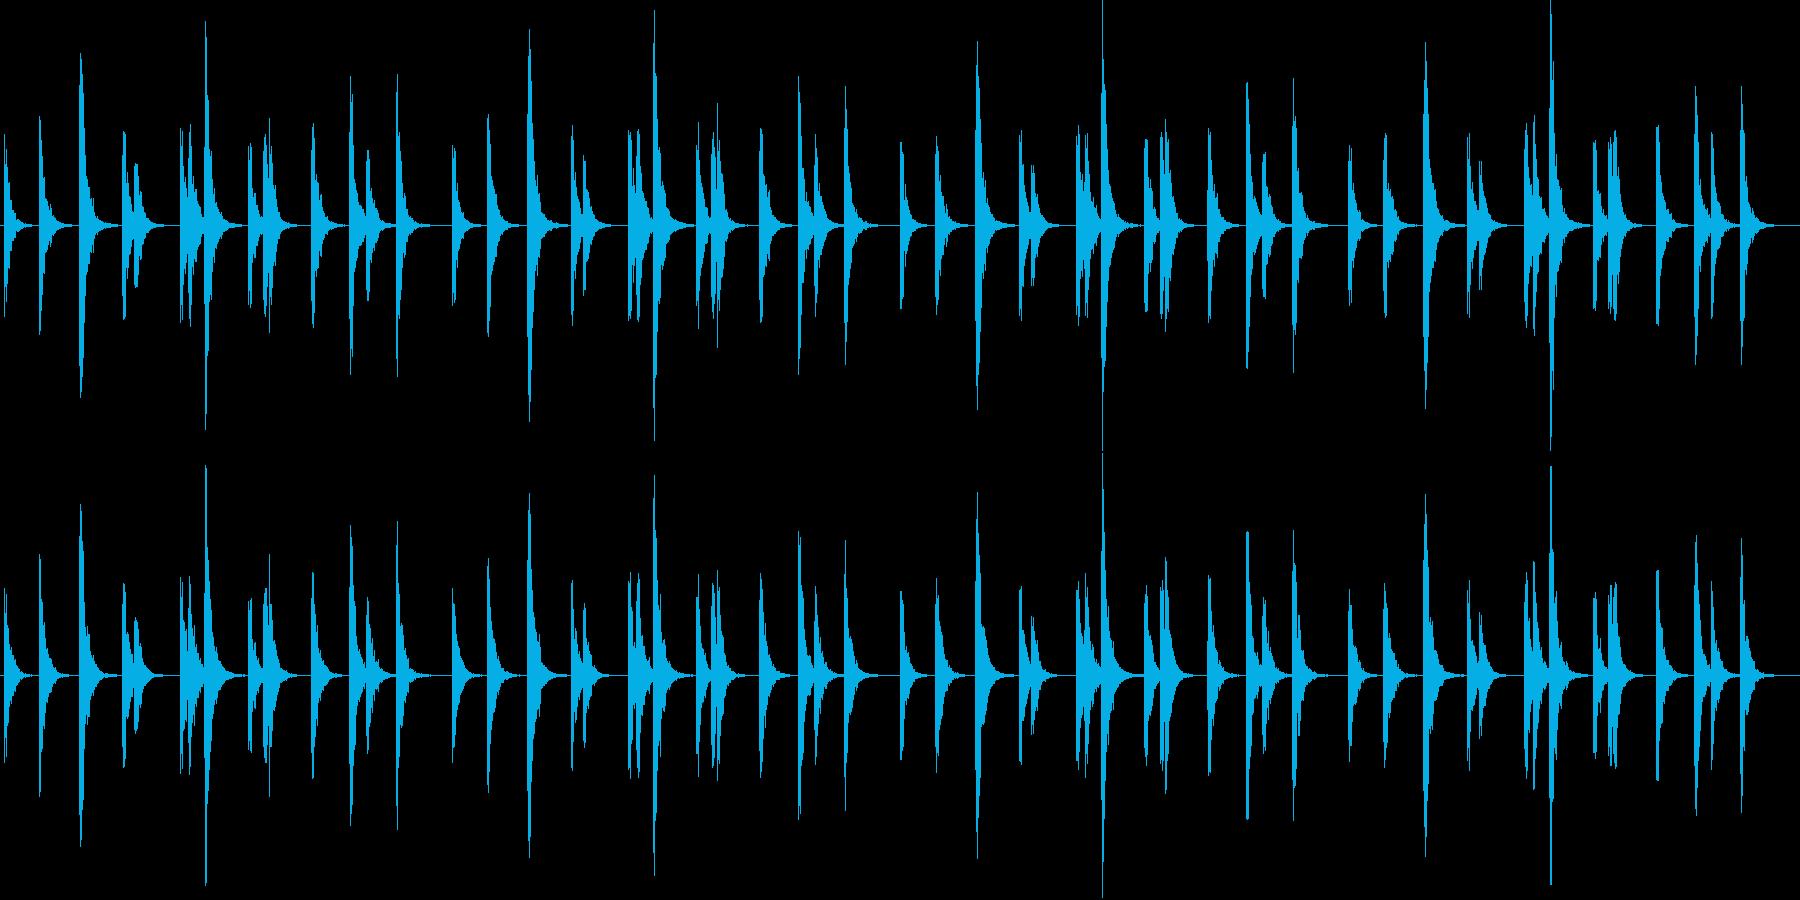 エキゾチックな弦楽器のシンプルサウンドの再生済みの波形